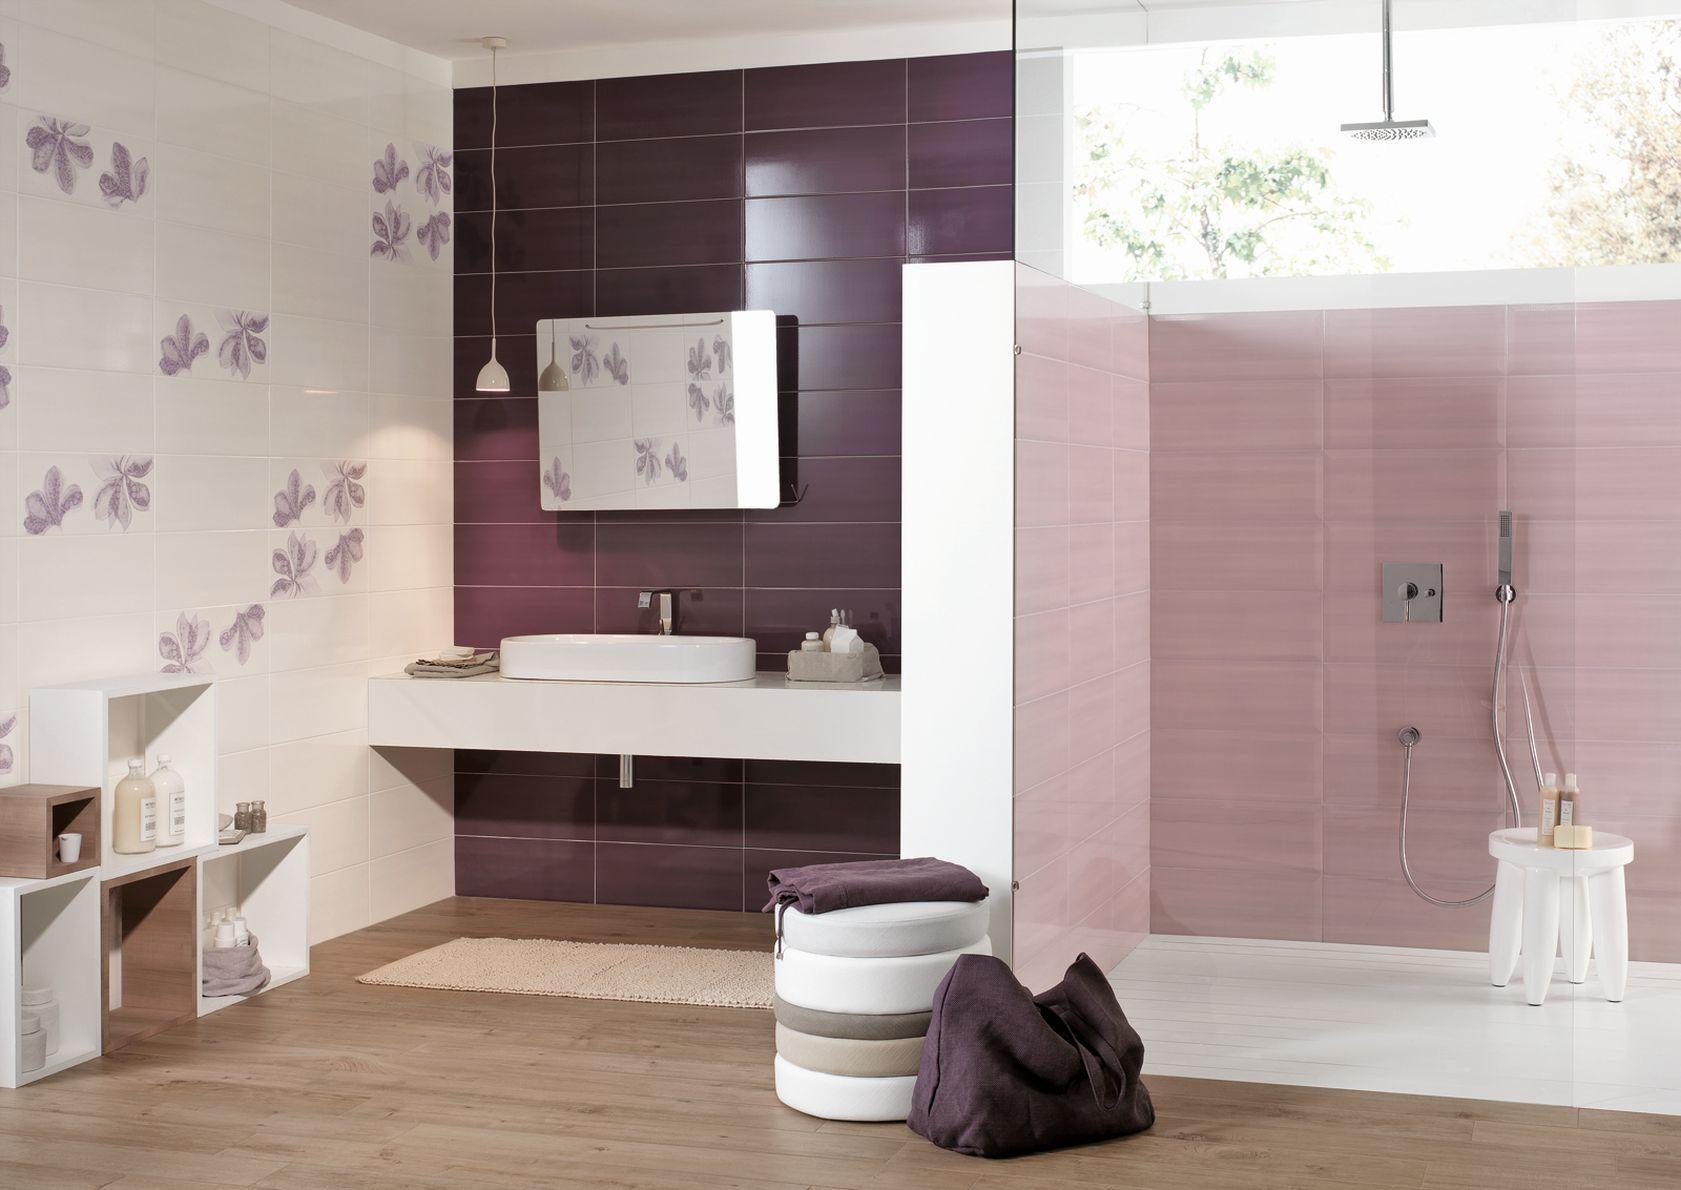 Nuance ceramiche per rivestimento bagno marazzi - Piastrelle viola bagno ...